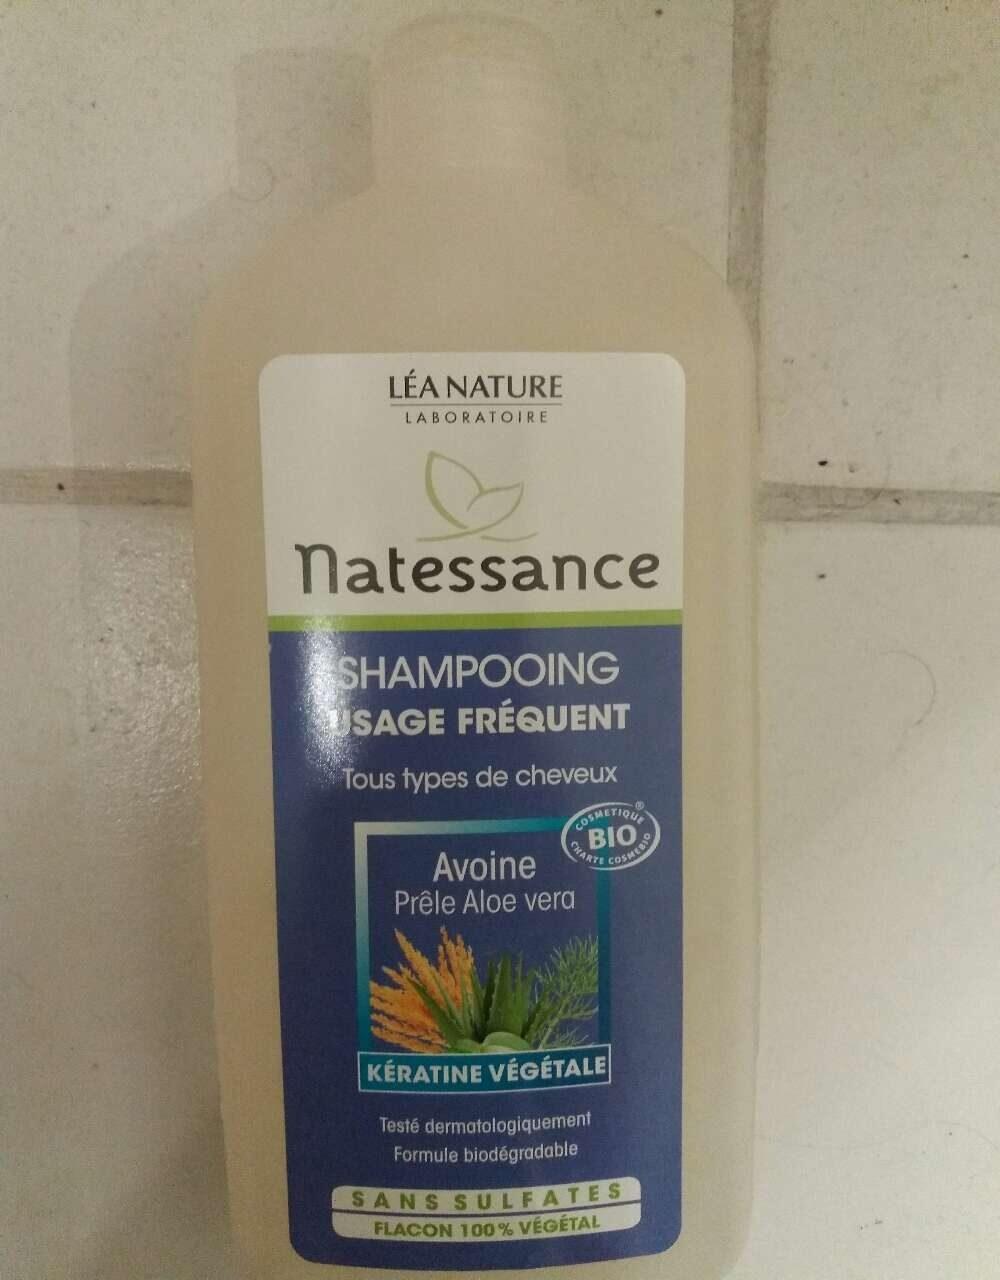 Natessance Shampoing - Product